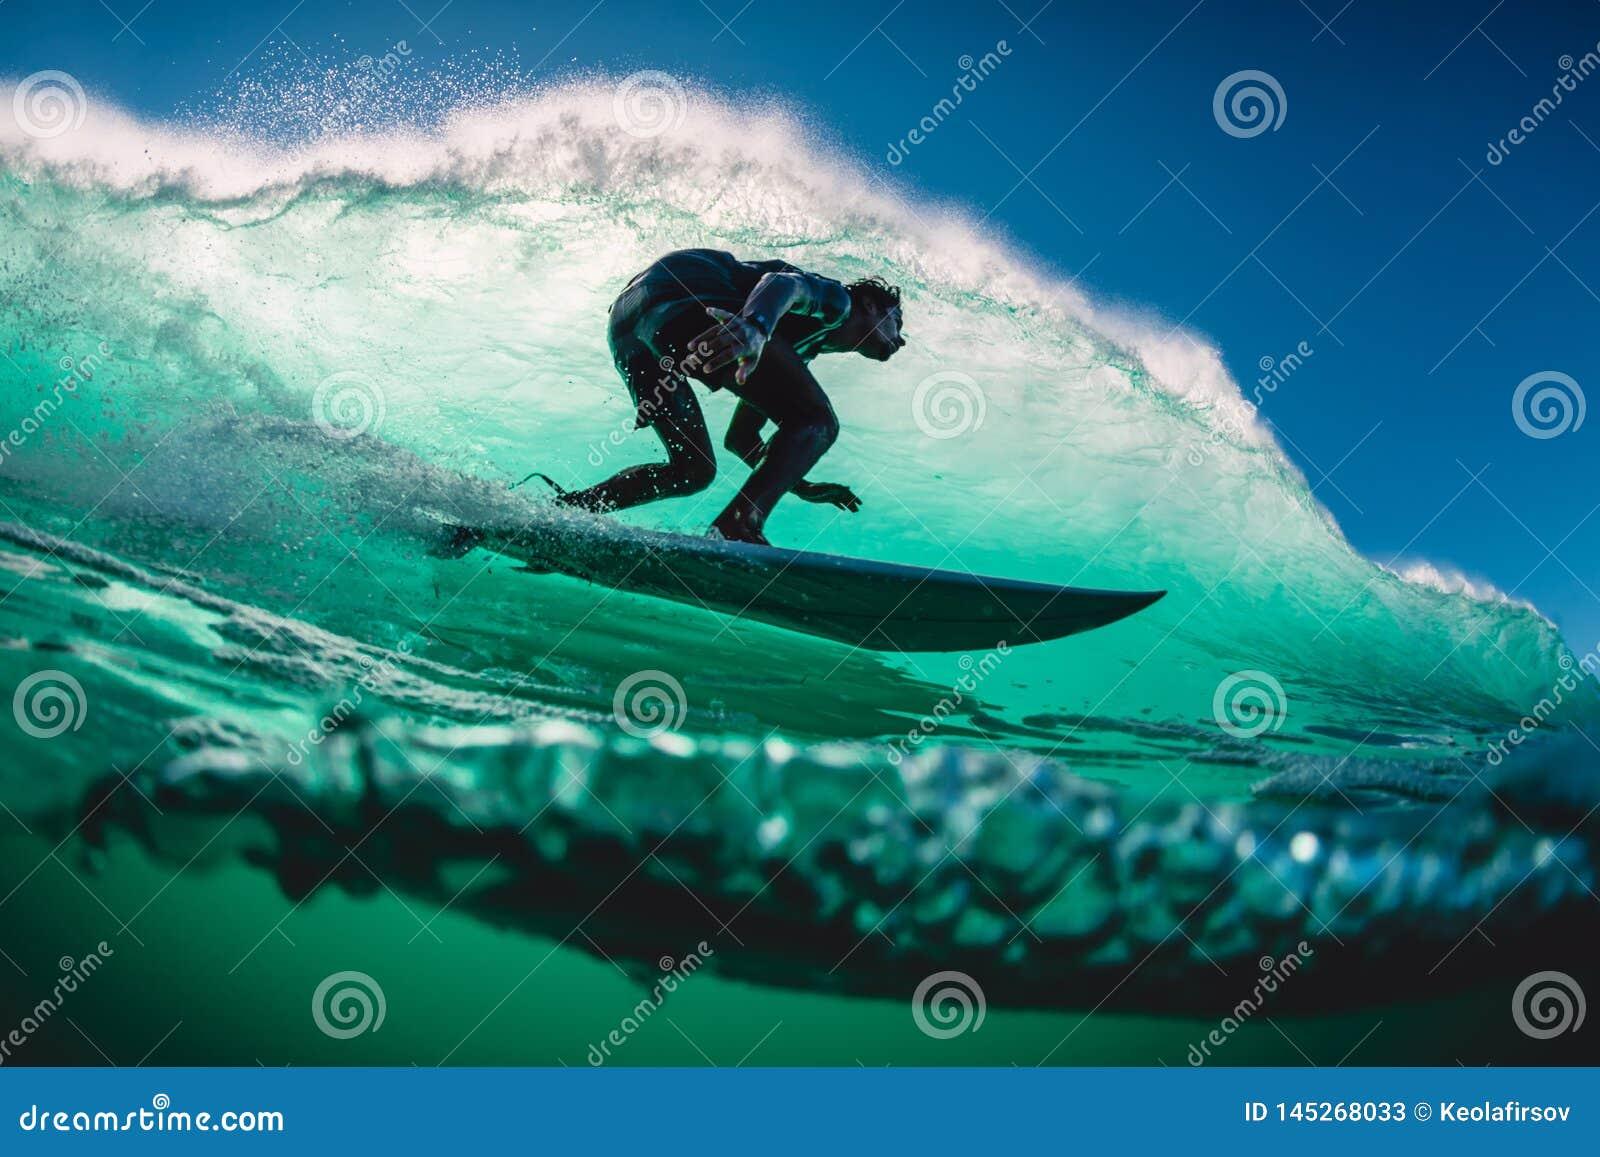 18 avril 2019 Bali, Indon?sie Tour de surfer sur la vague de baril Surfer professionnel ? de grandes vagues dans Padang Padang